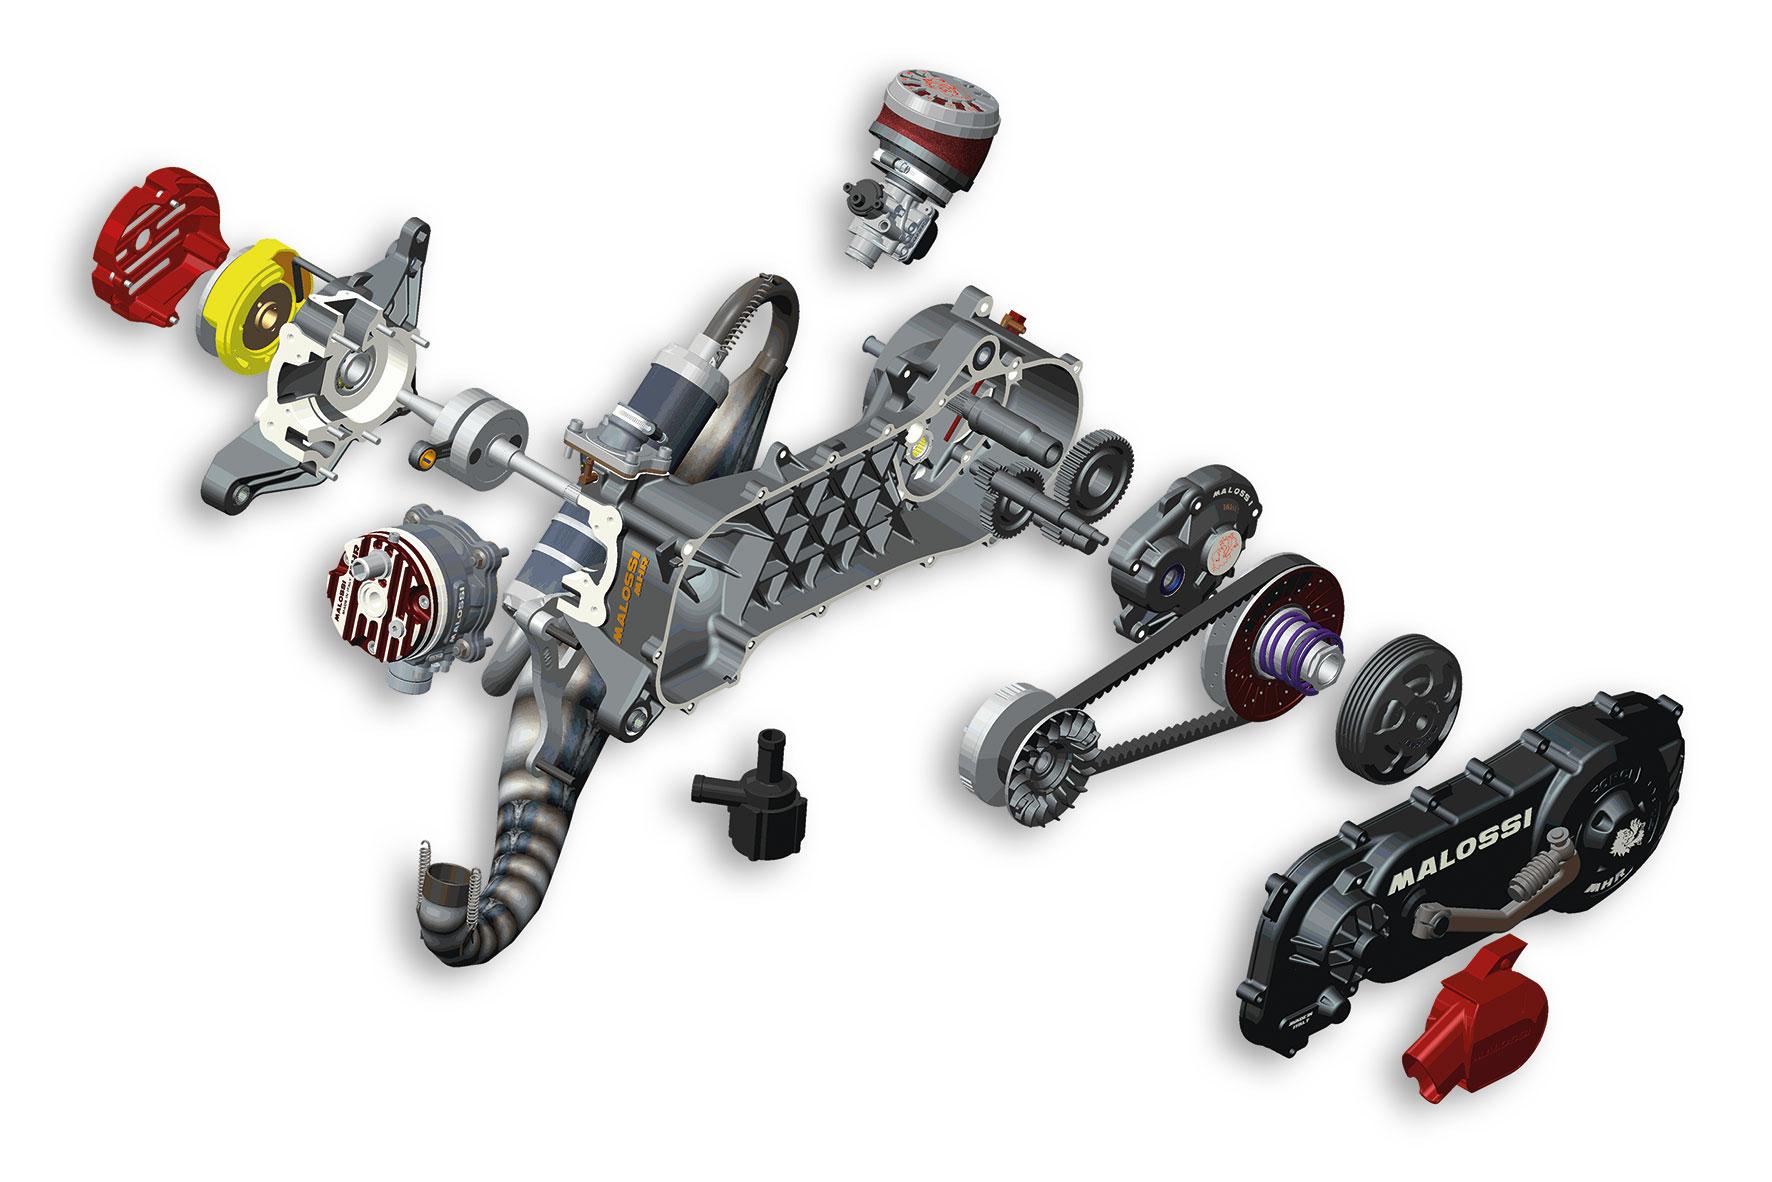 Motore completo C-ONE 70cc, non assemblato, per motore Piaggio (ruota 10)